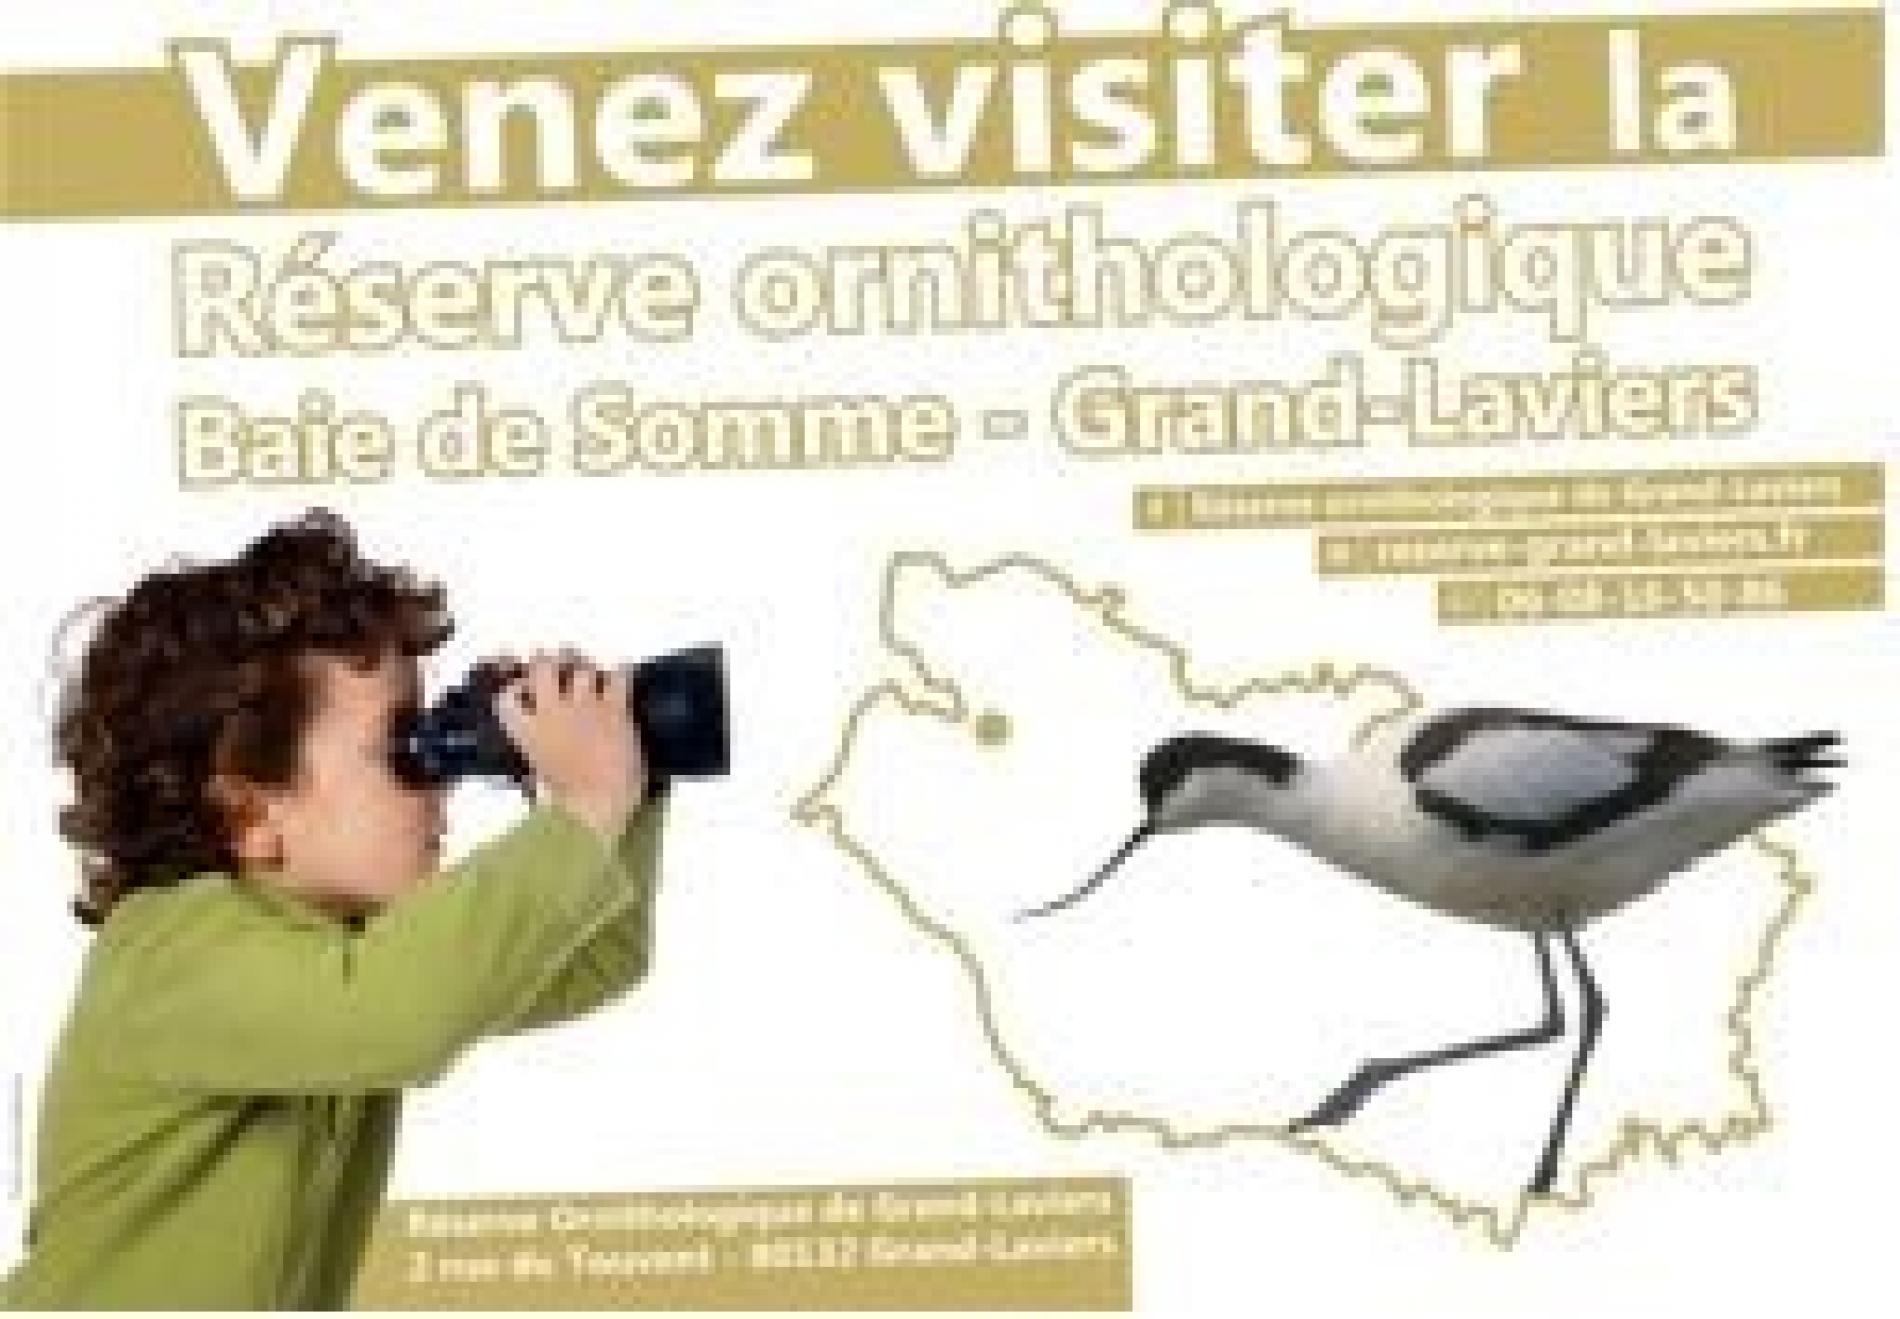 Réserve ornithologique Baie de Somme-Grand Laviers